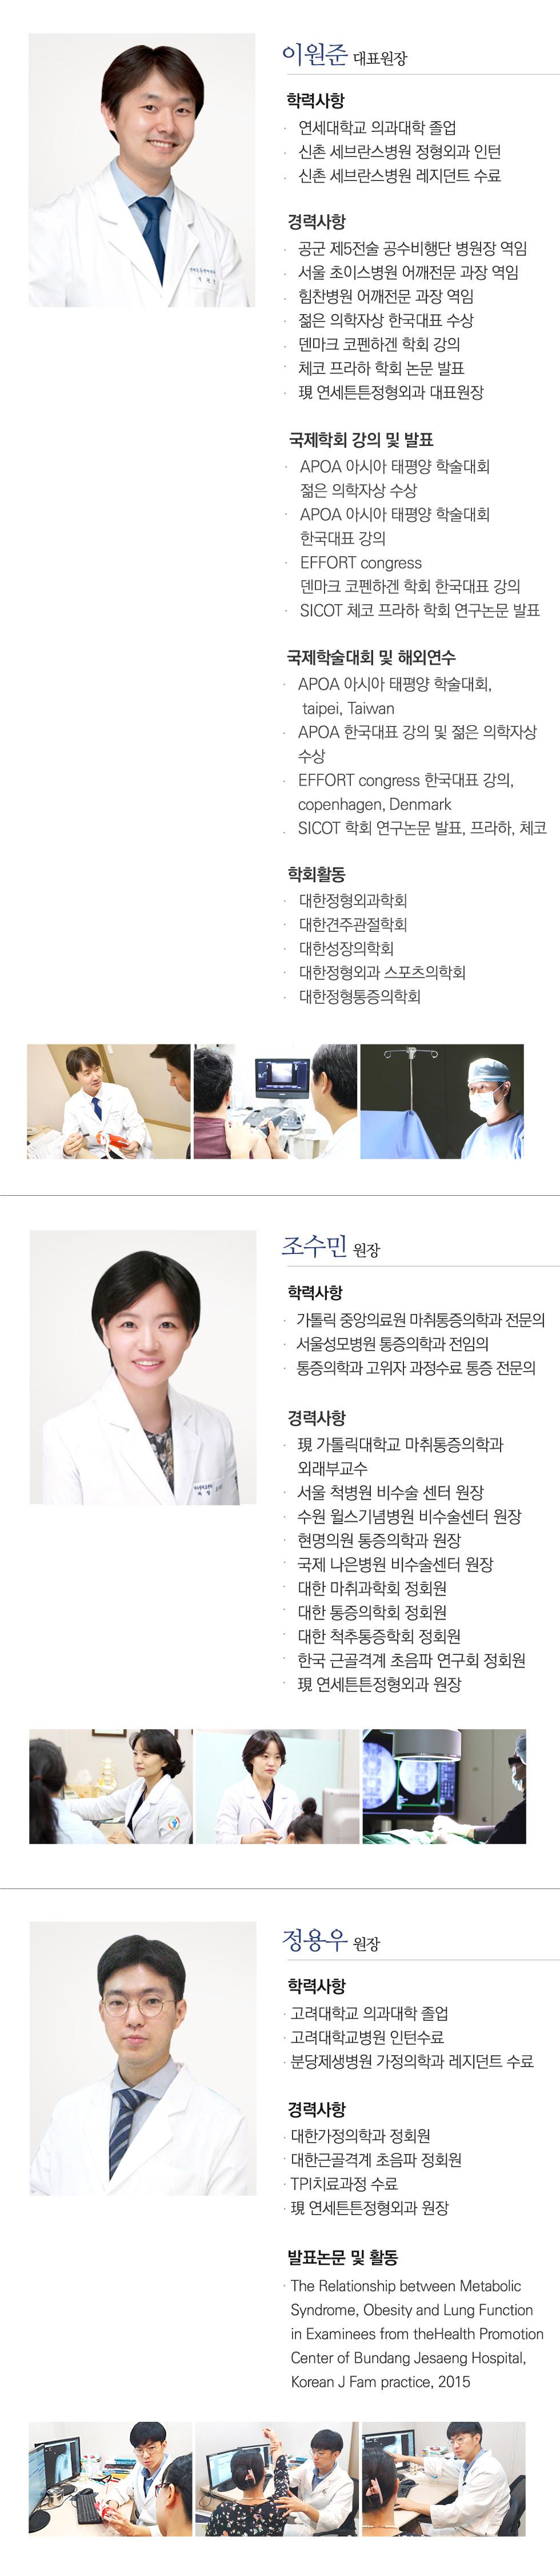 의료진소개_20200922.jpg